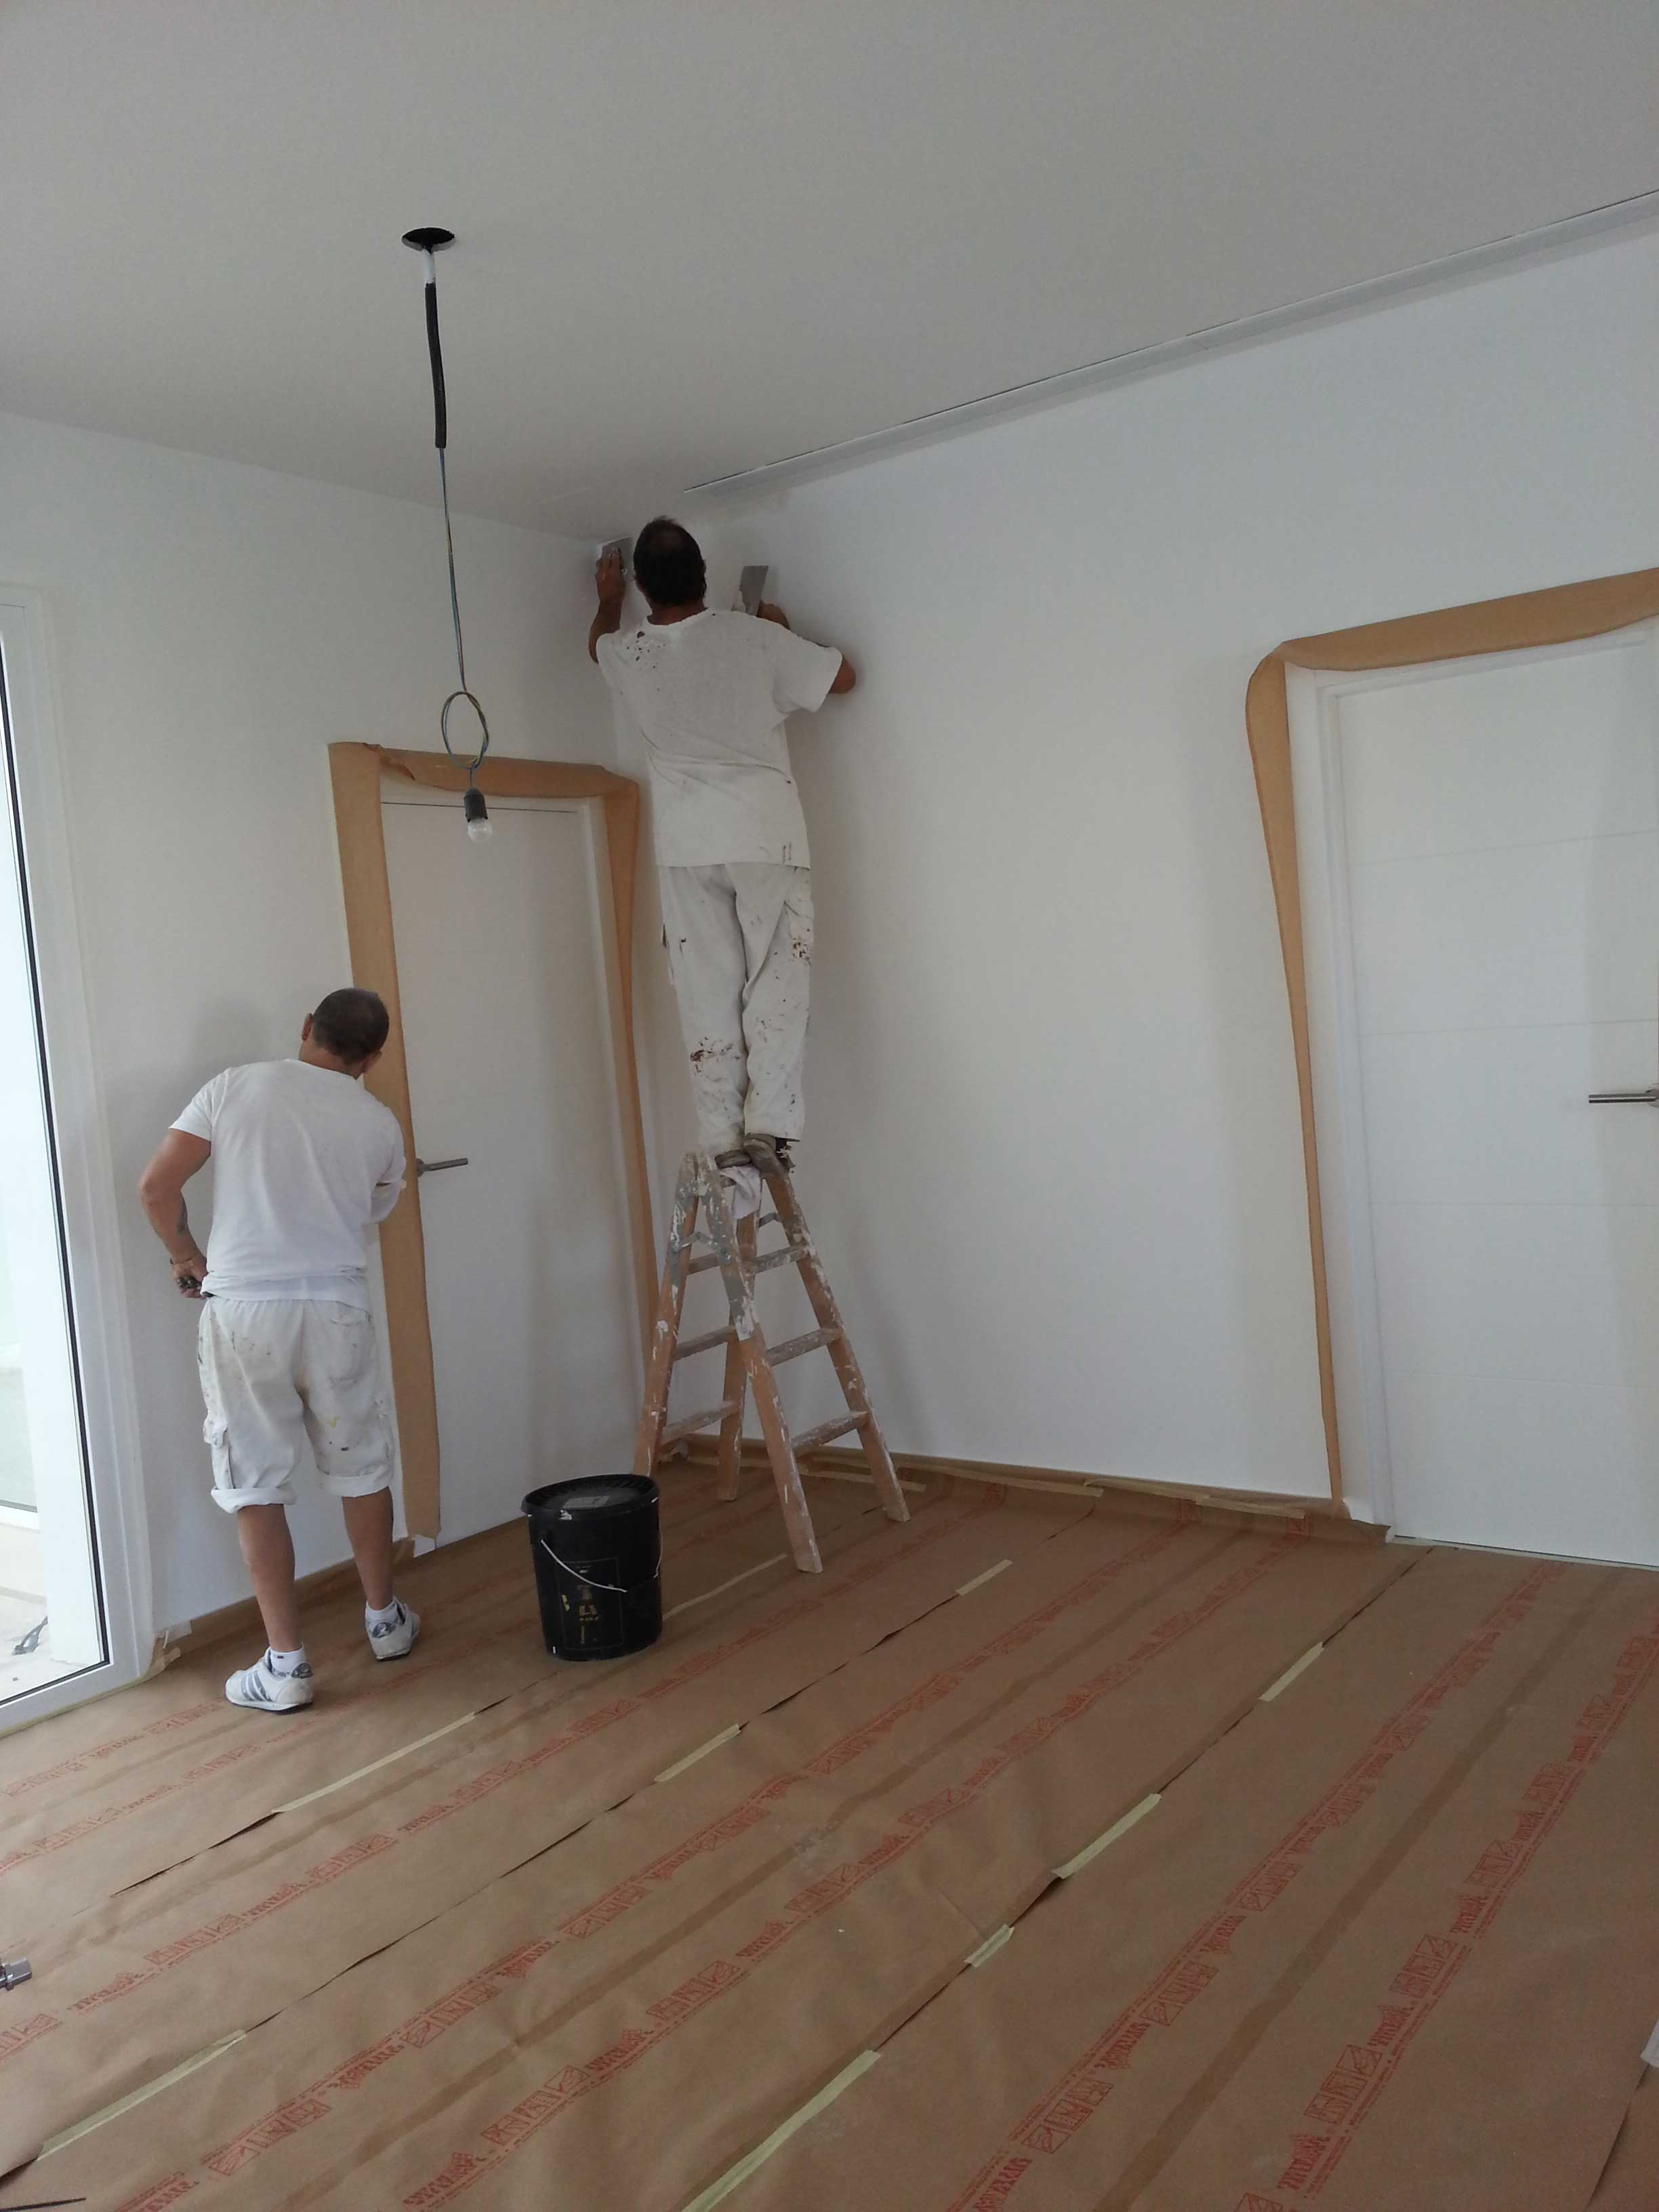 Cu l es el presupuesto para quitar el gotel - Pasta alisar paredes ...